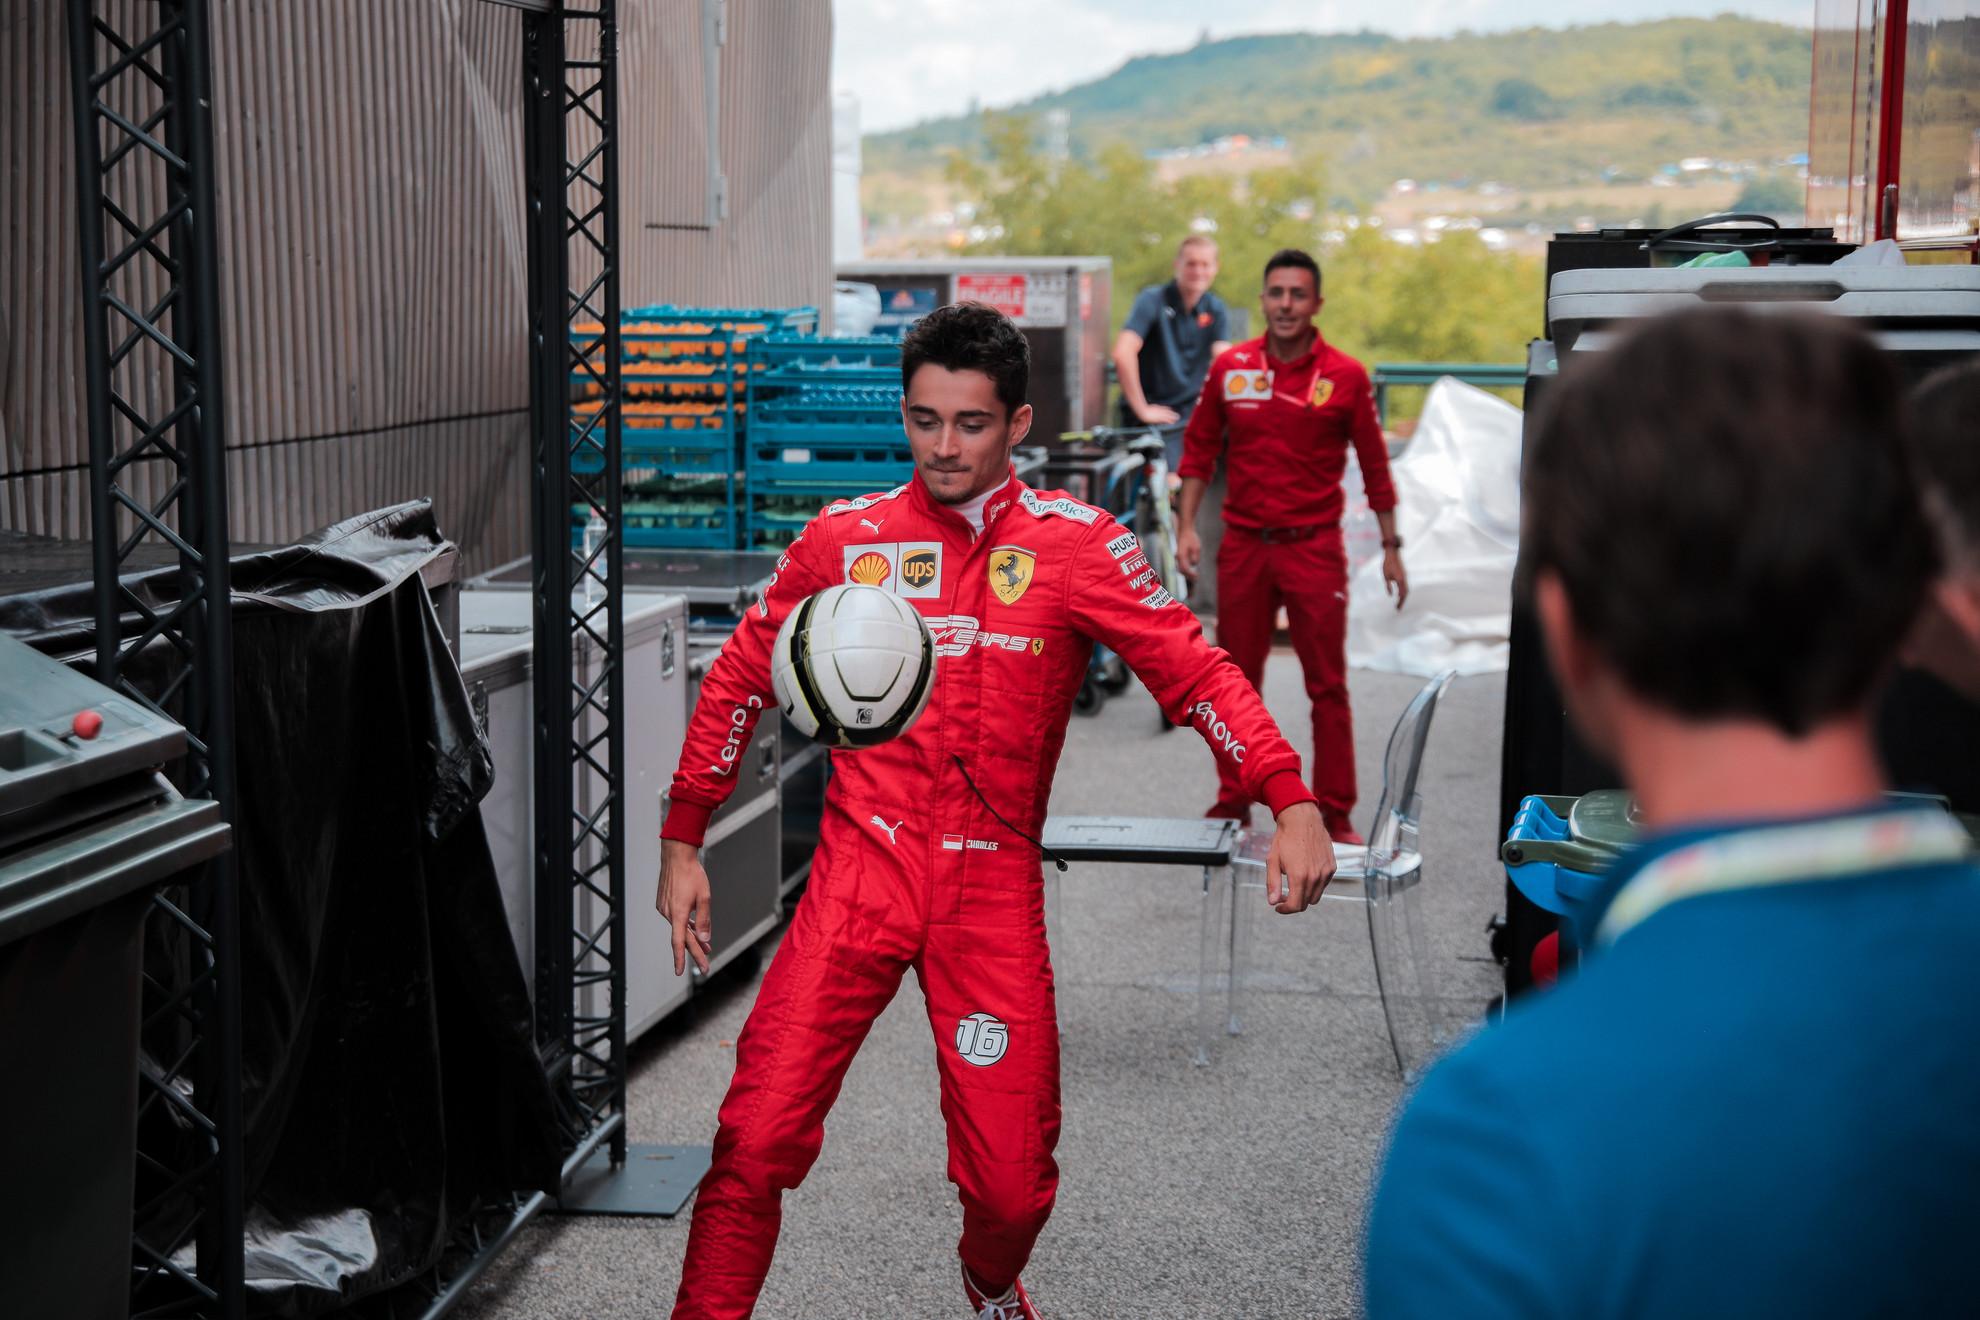 Charles Leclerc a csapattársával focizik a paddock-ban